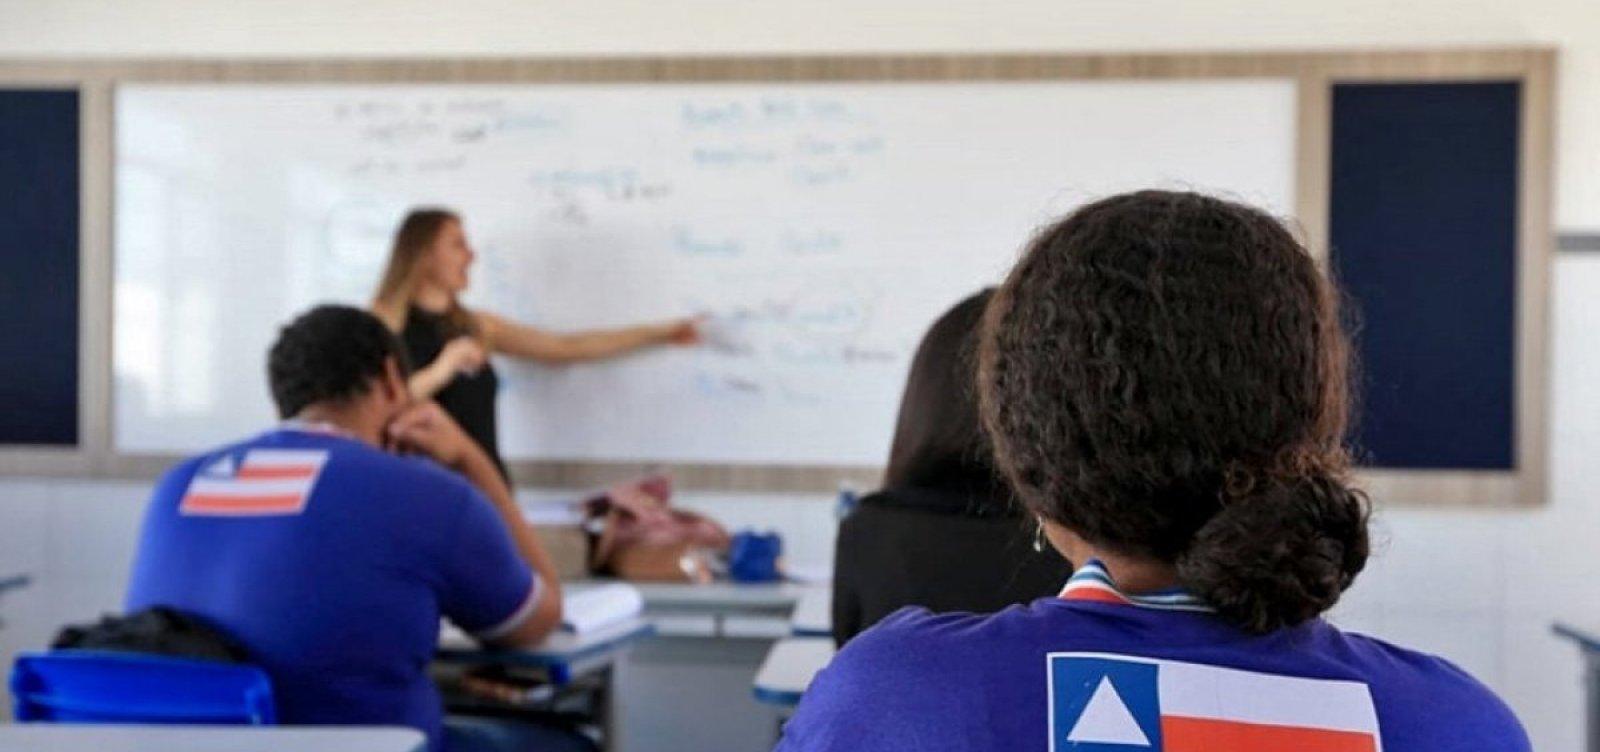 [Datafolha: 79% dos brasileiros são contra reabertura de escolas no momento]